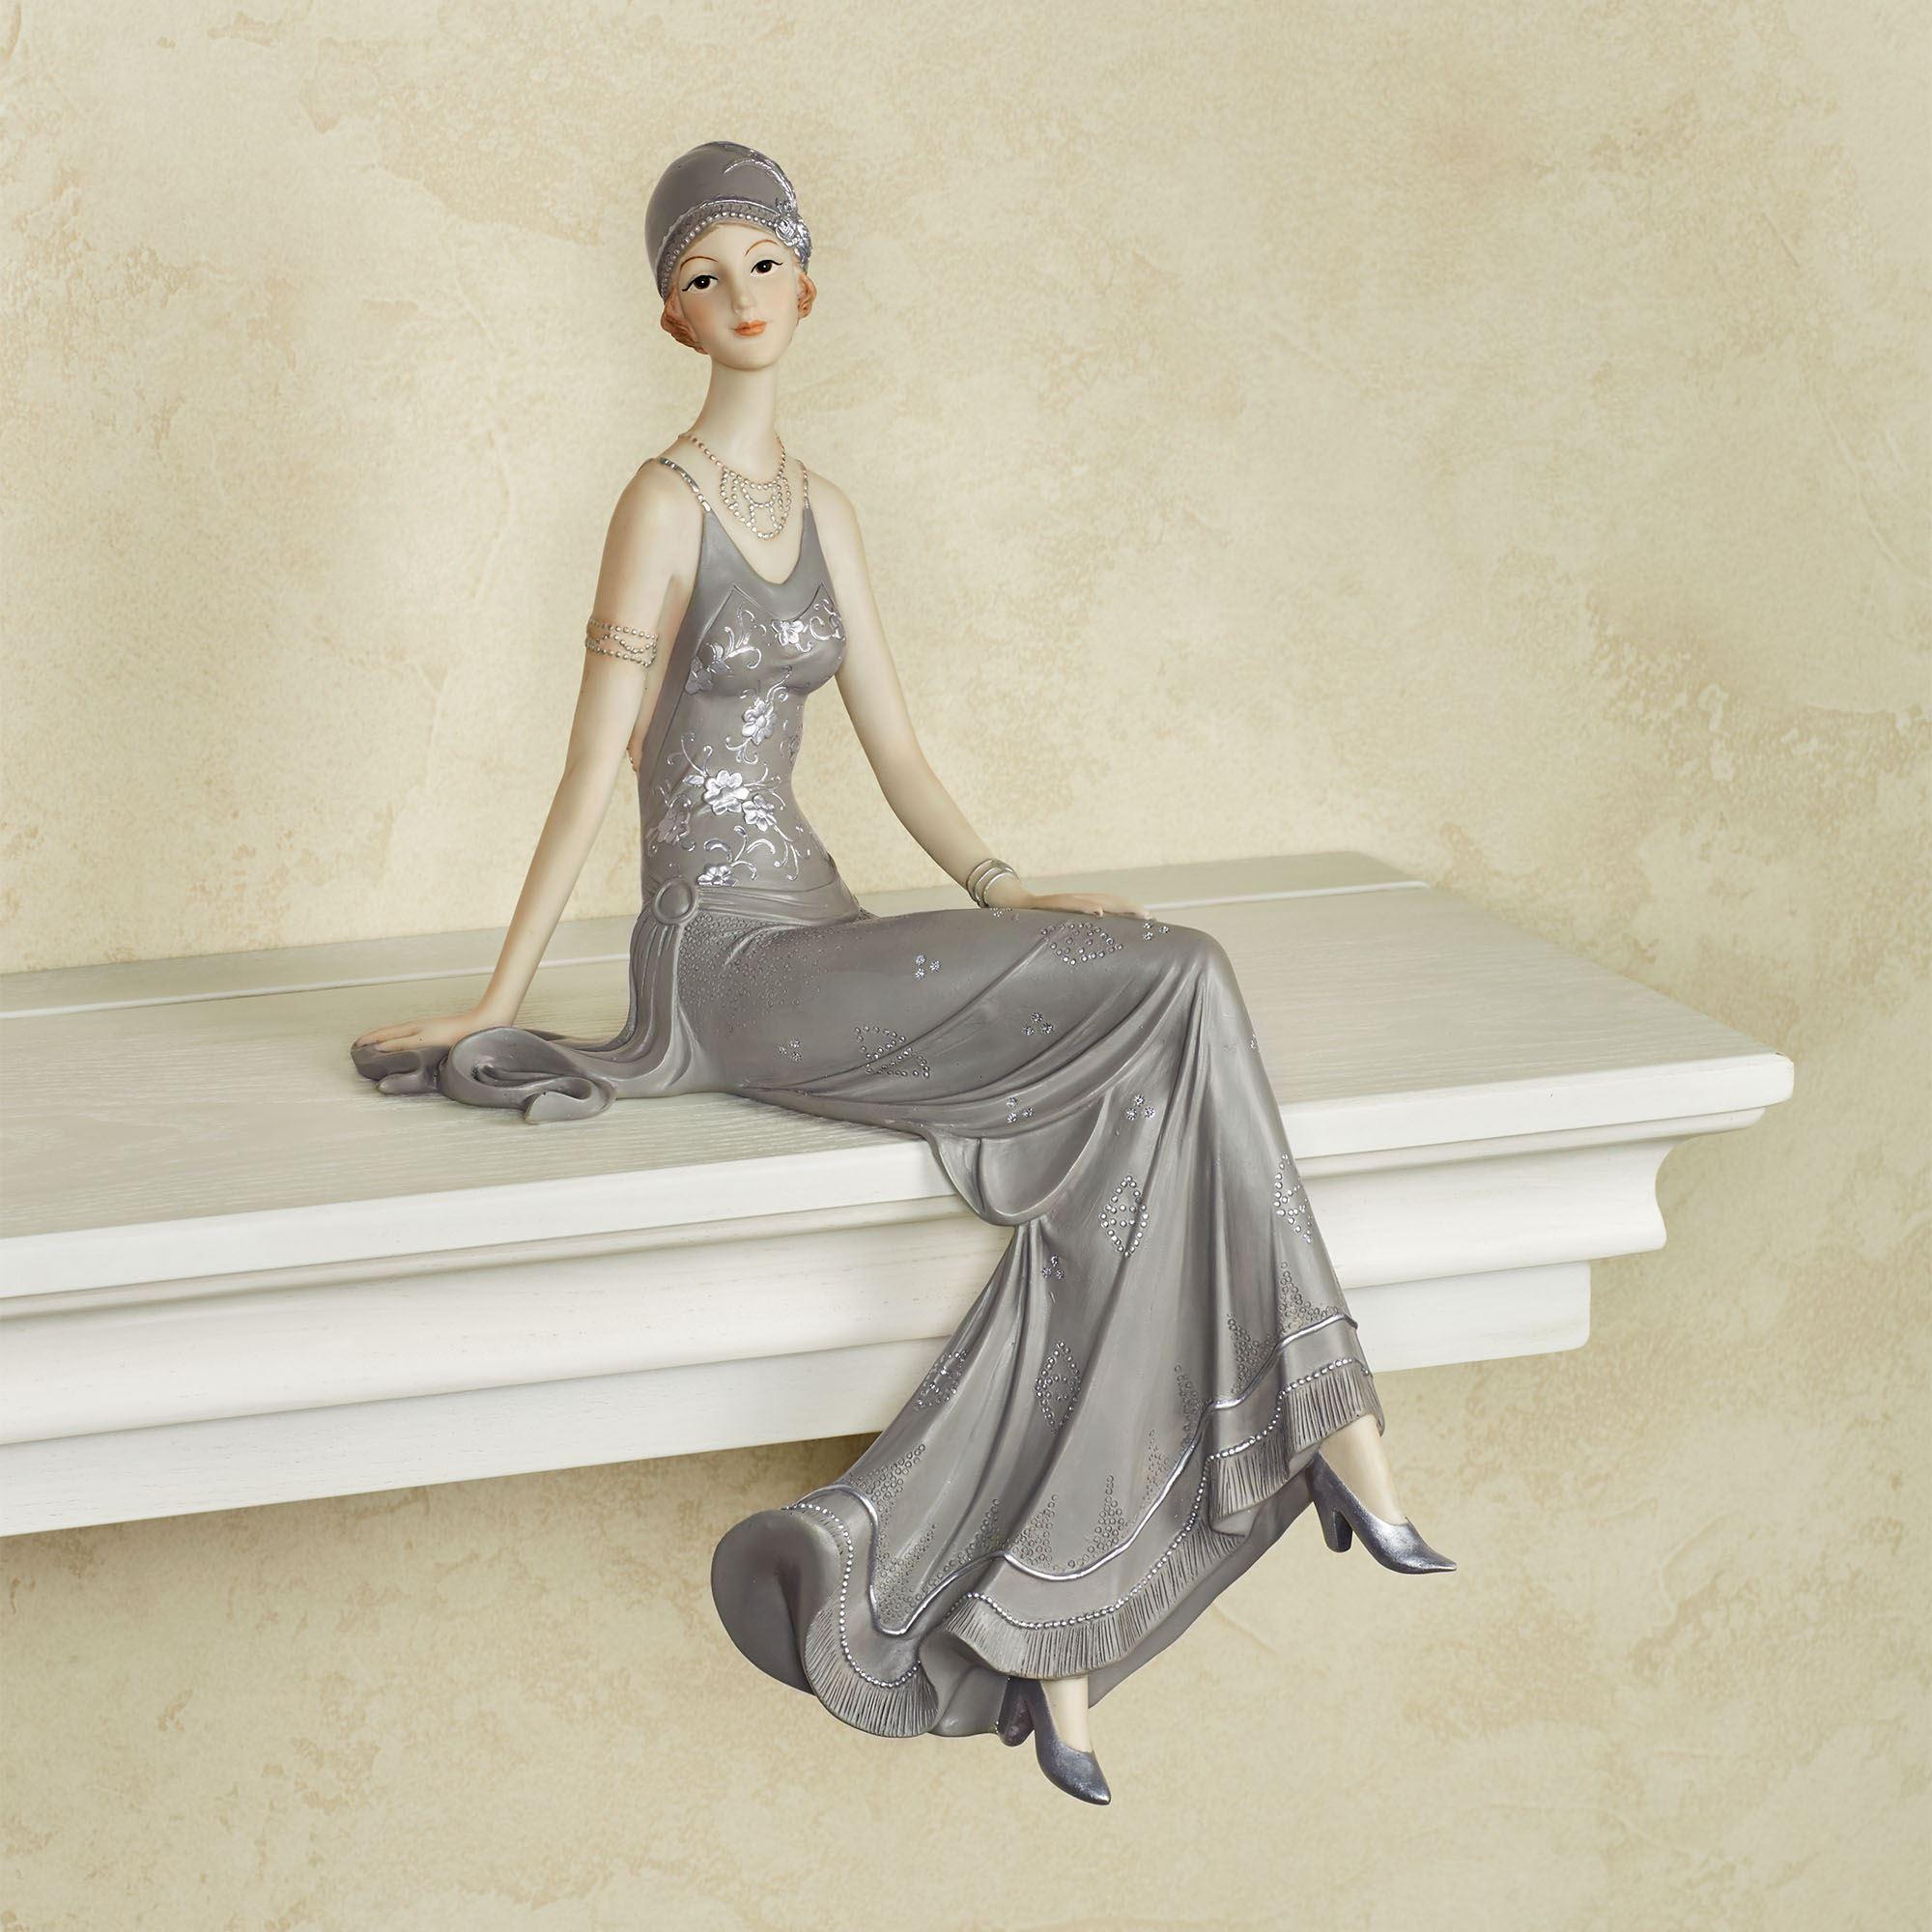 Alluring Beauty Lady Shelf Sitter